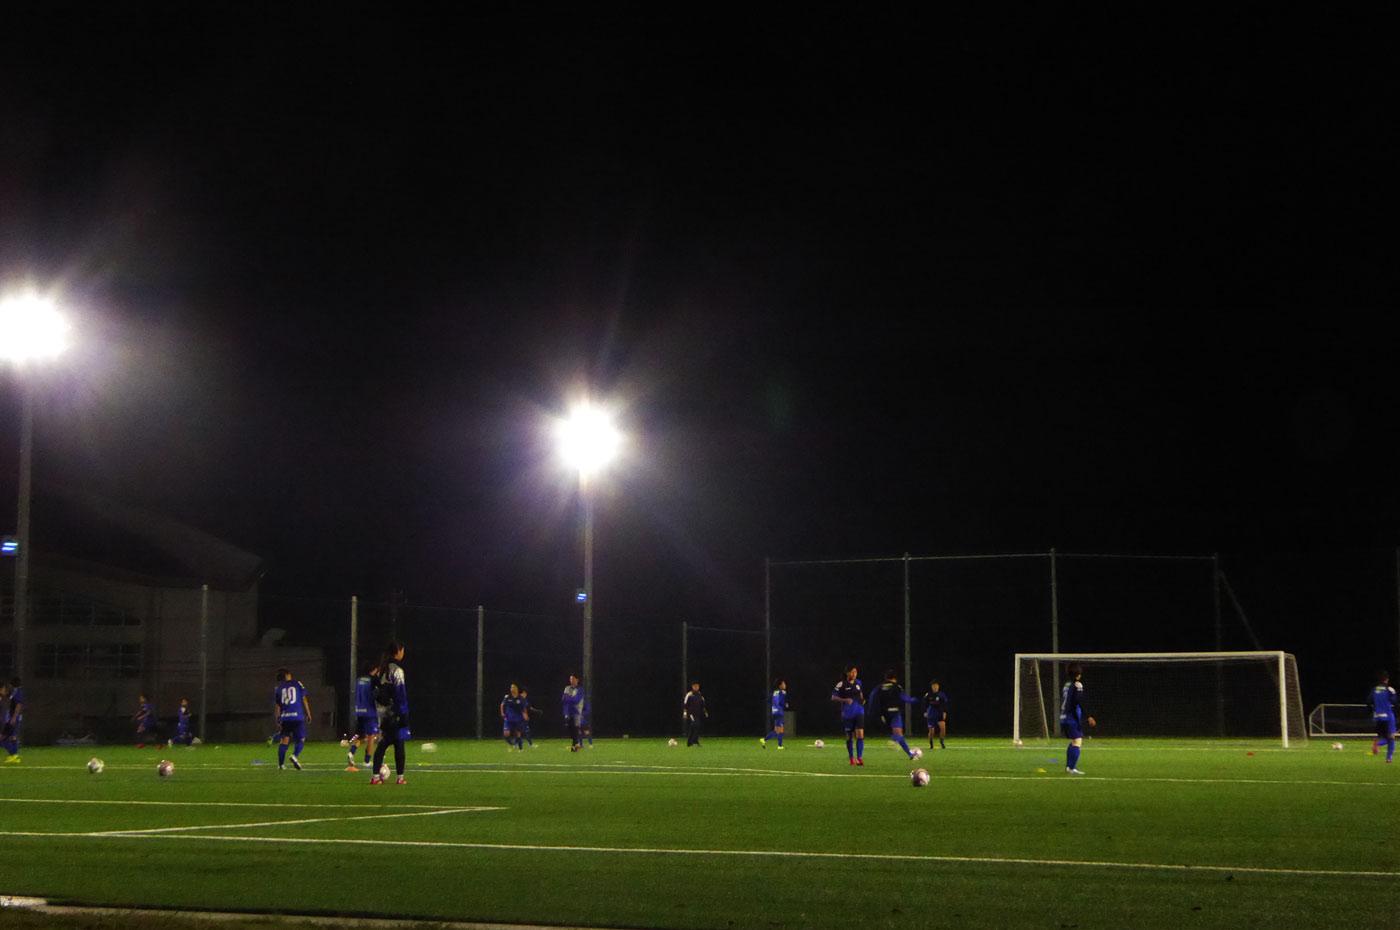 サッカーのナイター風景